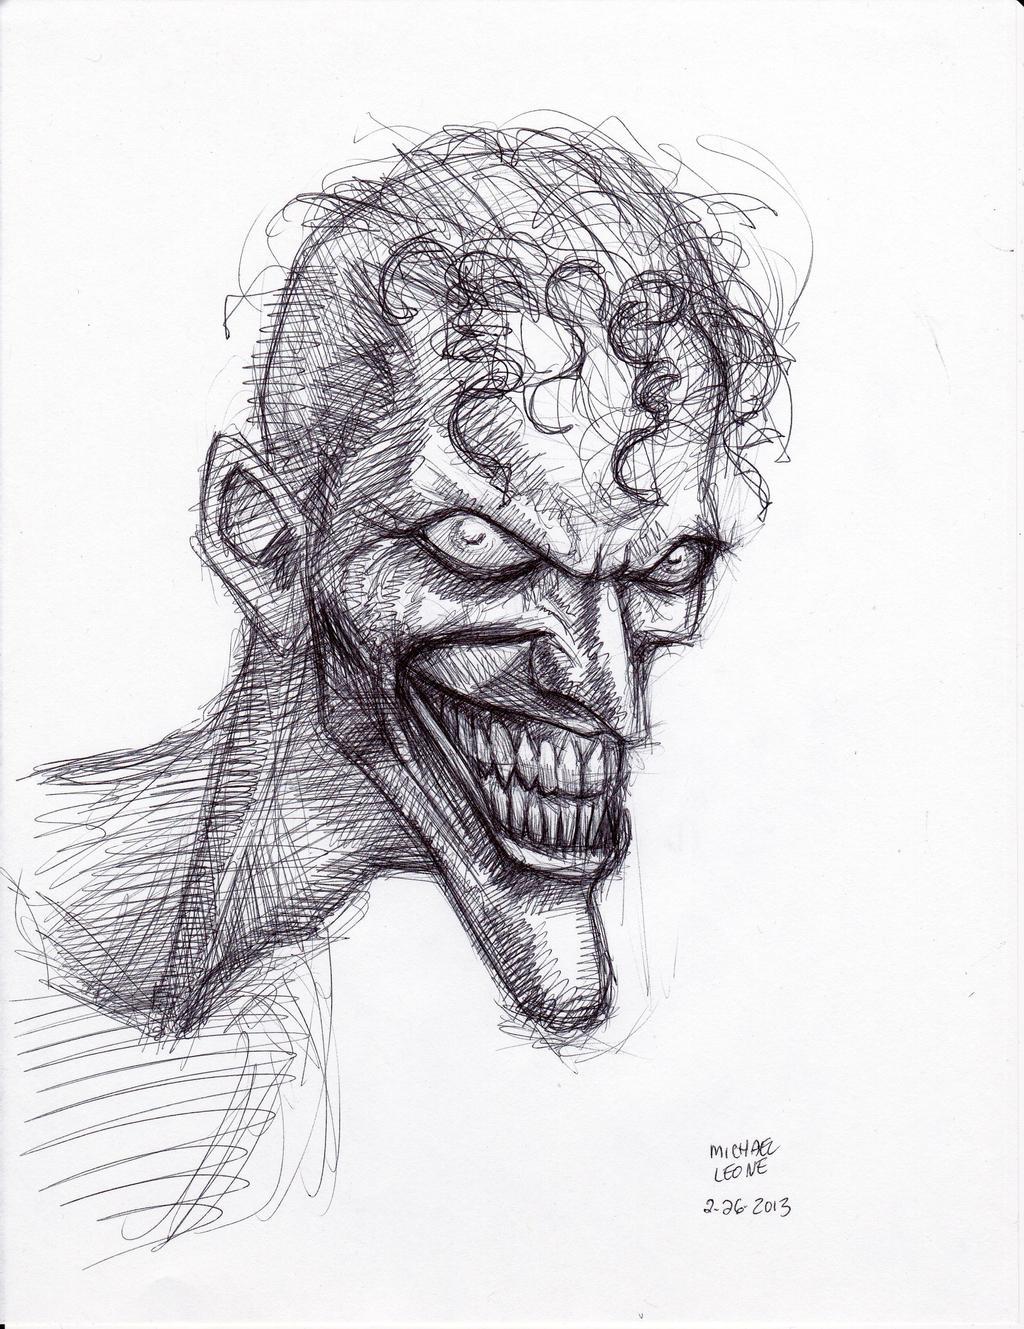 Joker pen sketch 2 26 2013 by myconius on deviantart for Cool pen drawings